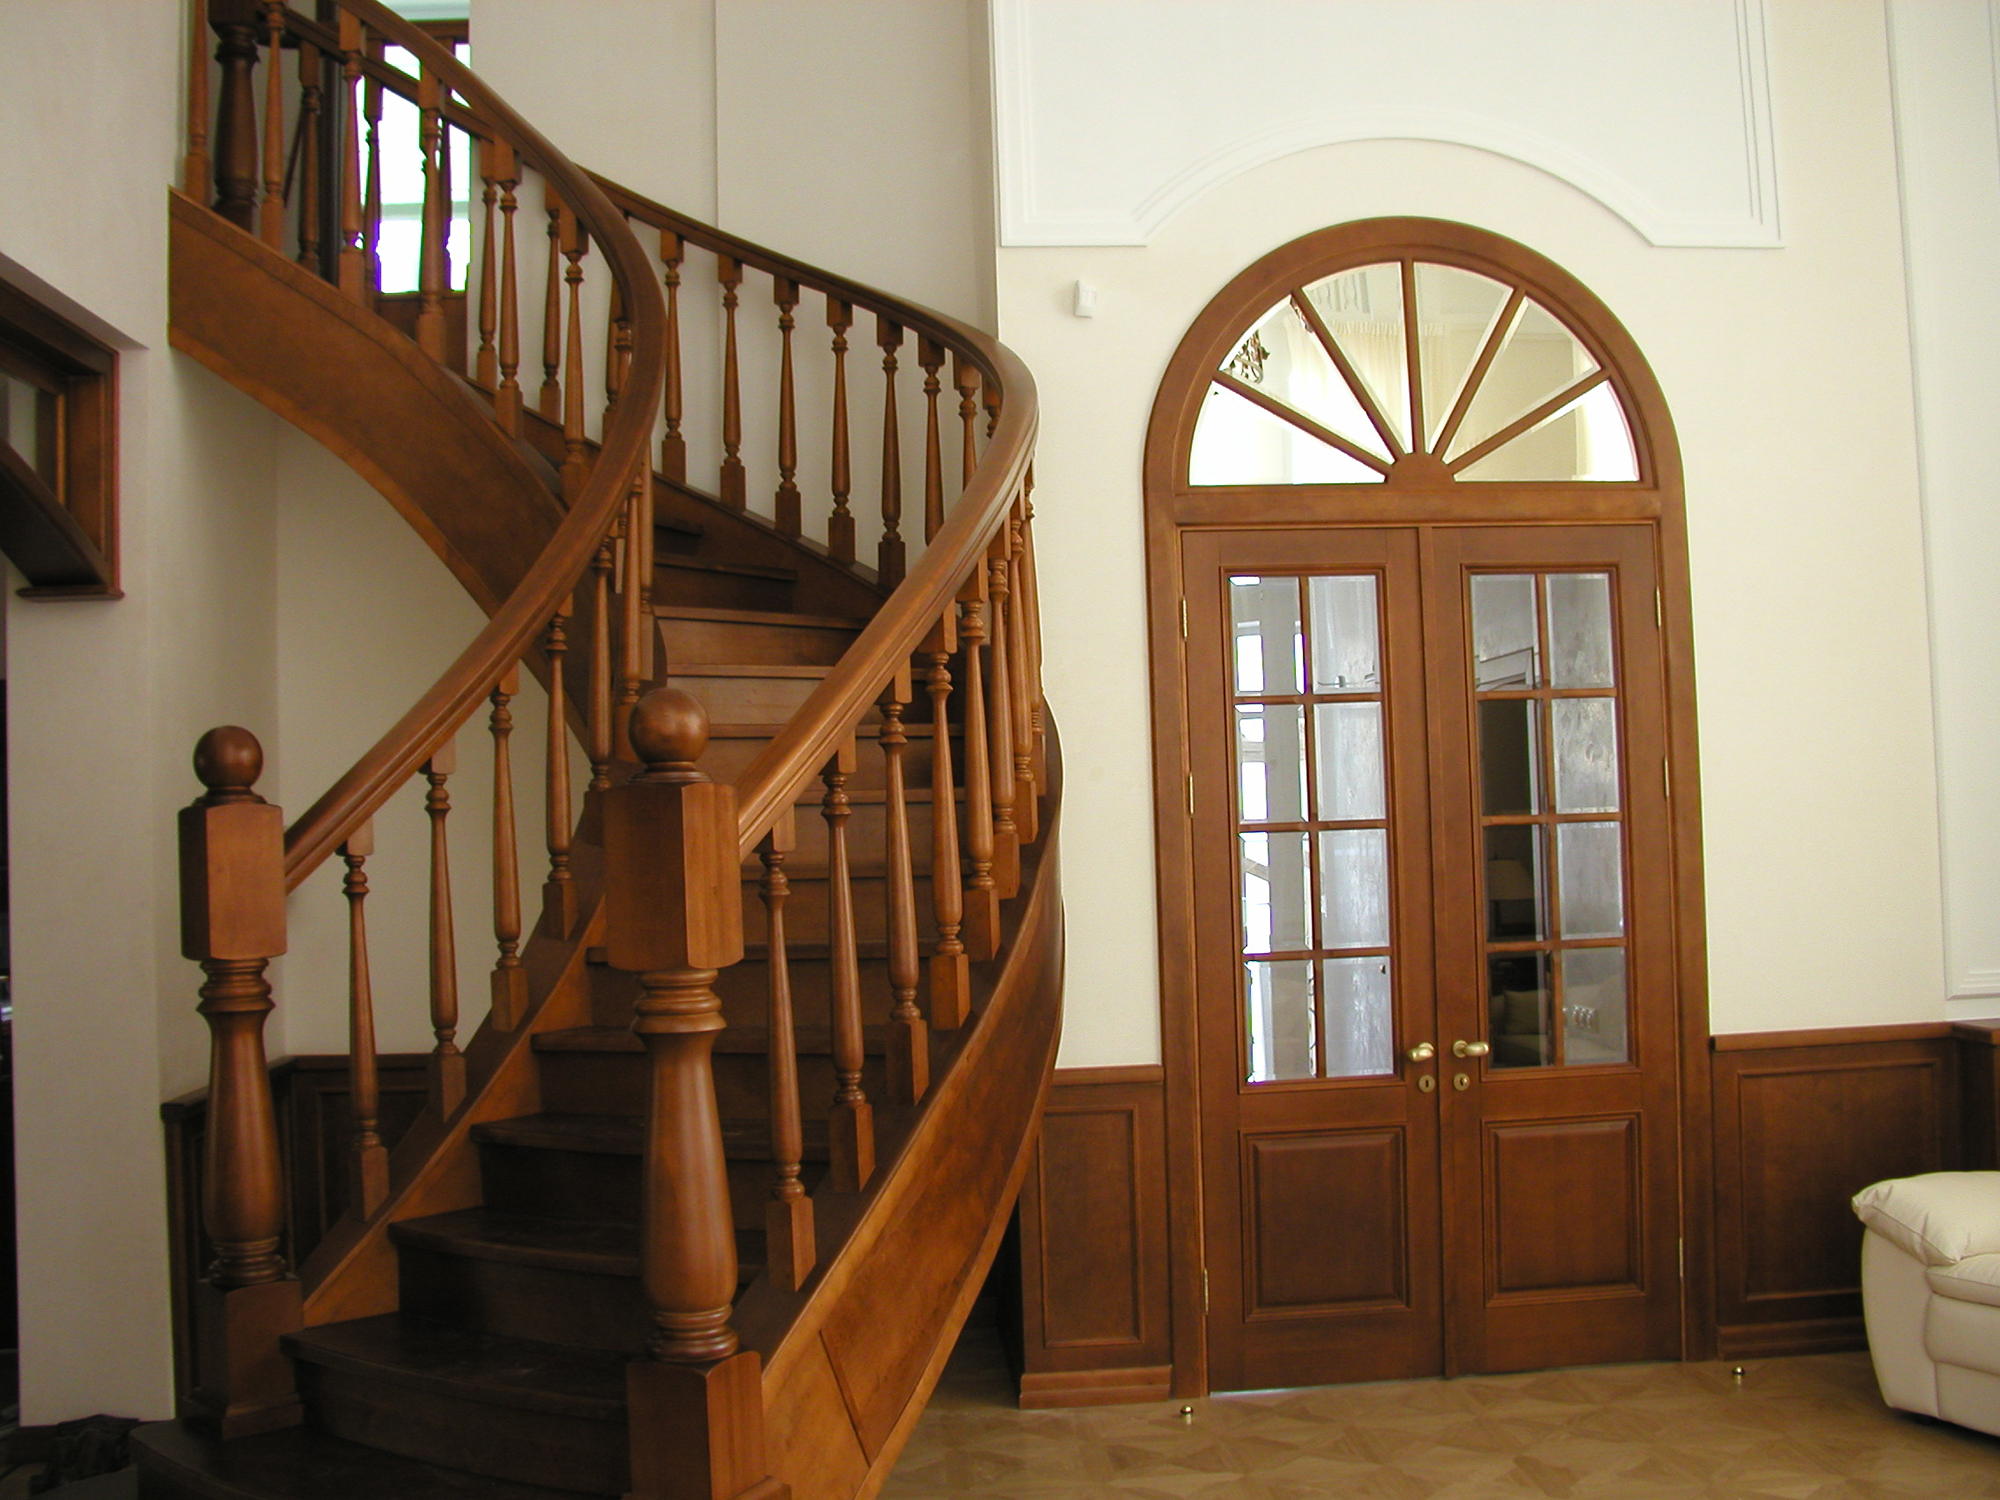 Деревянная лестница и входная дверь